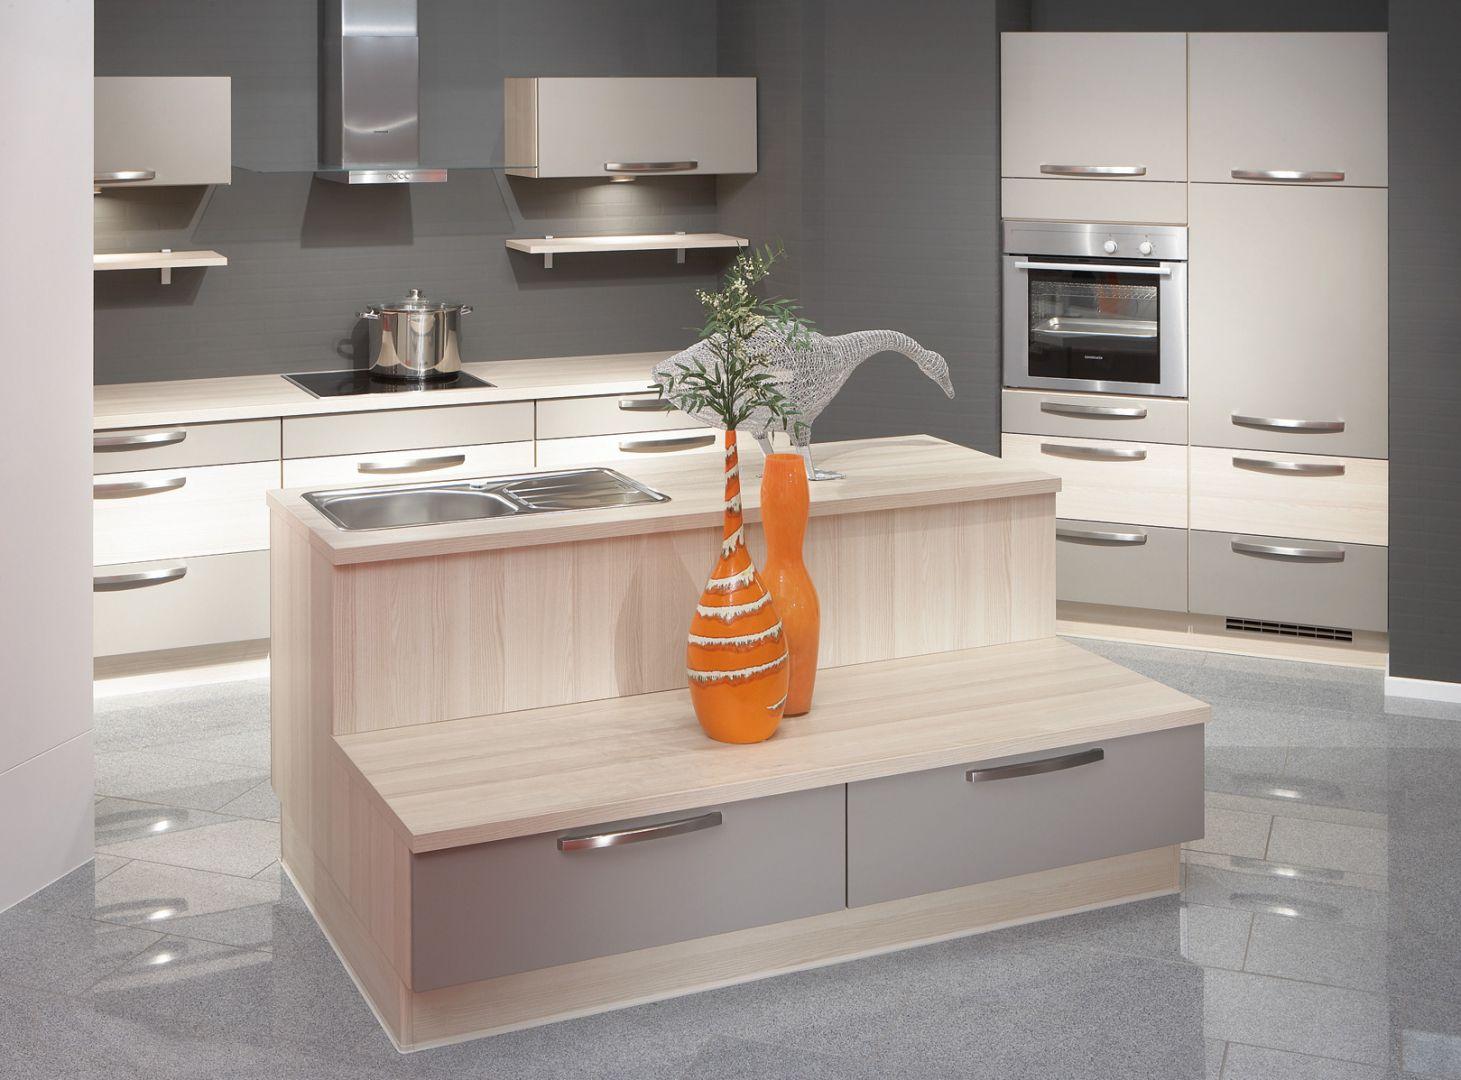 Fabrica de cocinas madrid free muebles de cocina de for Cocinas de lujo madrid